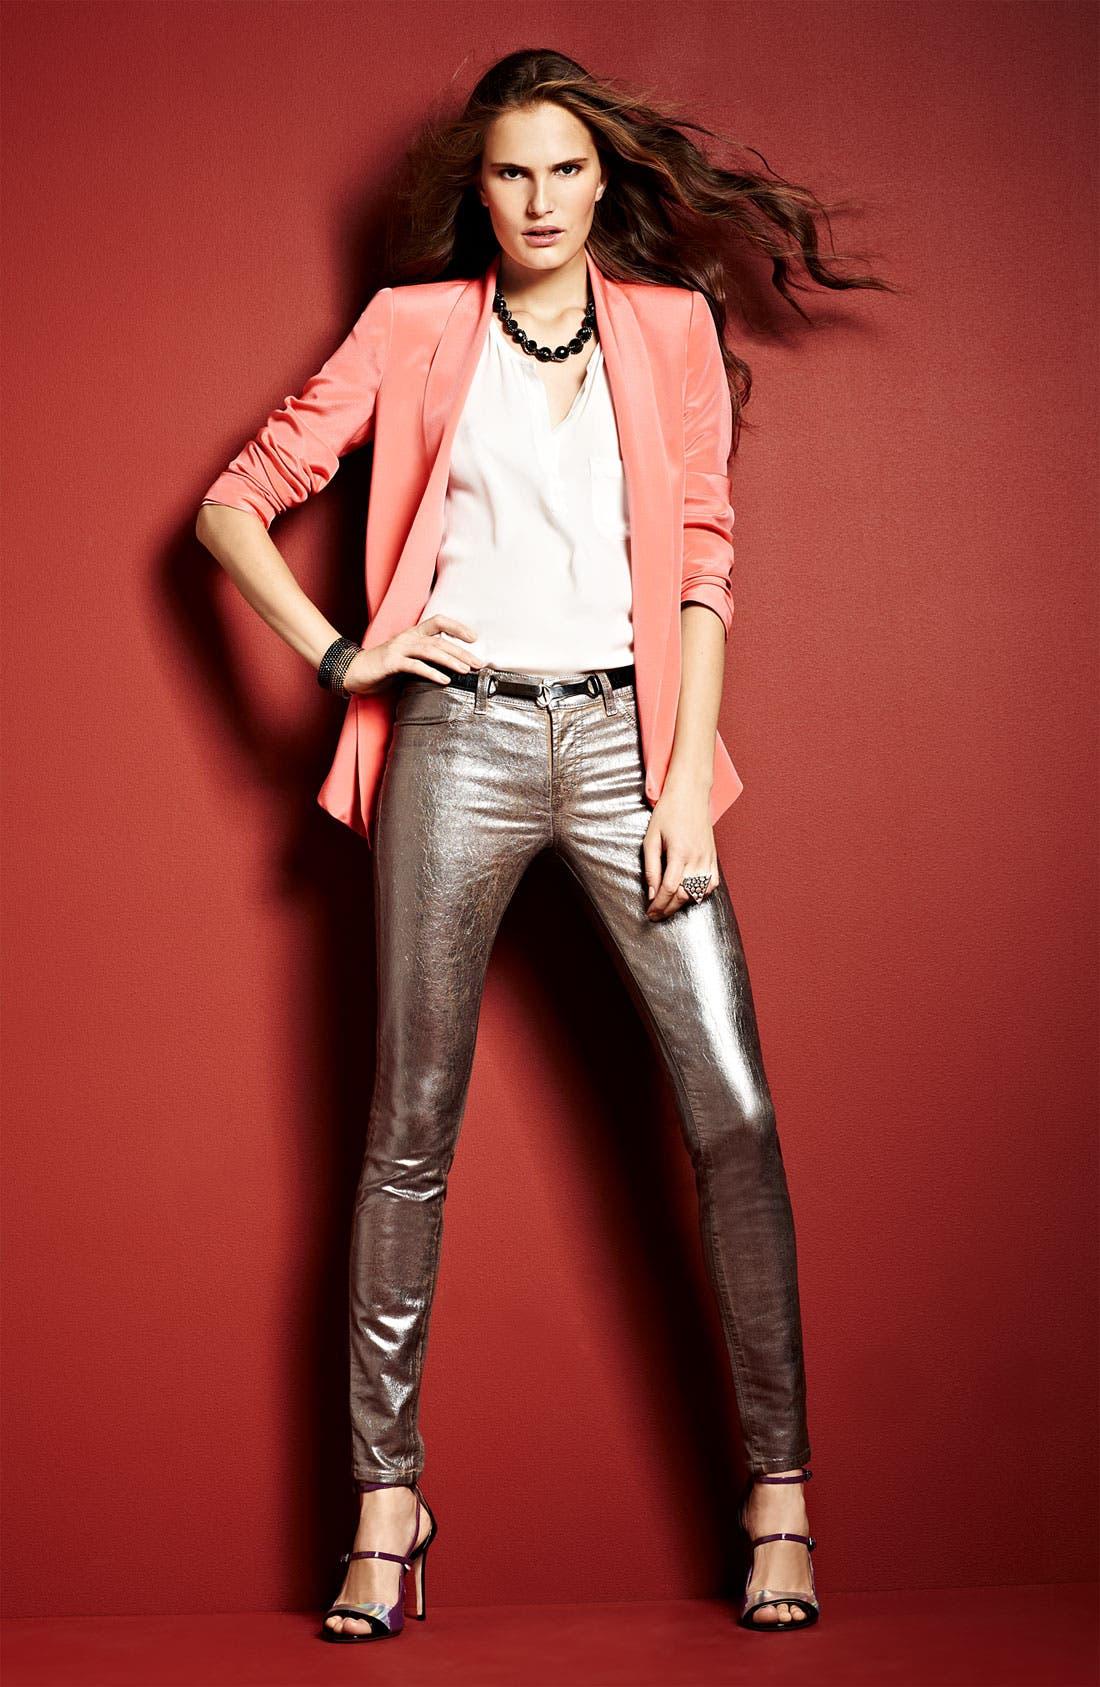 Main Image - Truth & Pride Blazer & J Brand Leggings